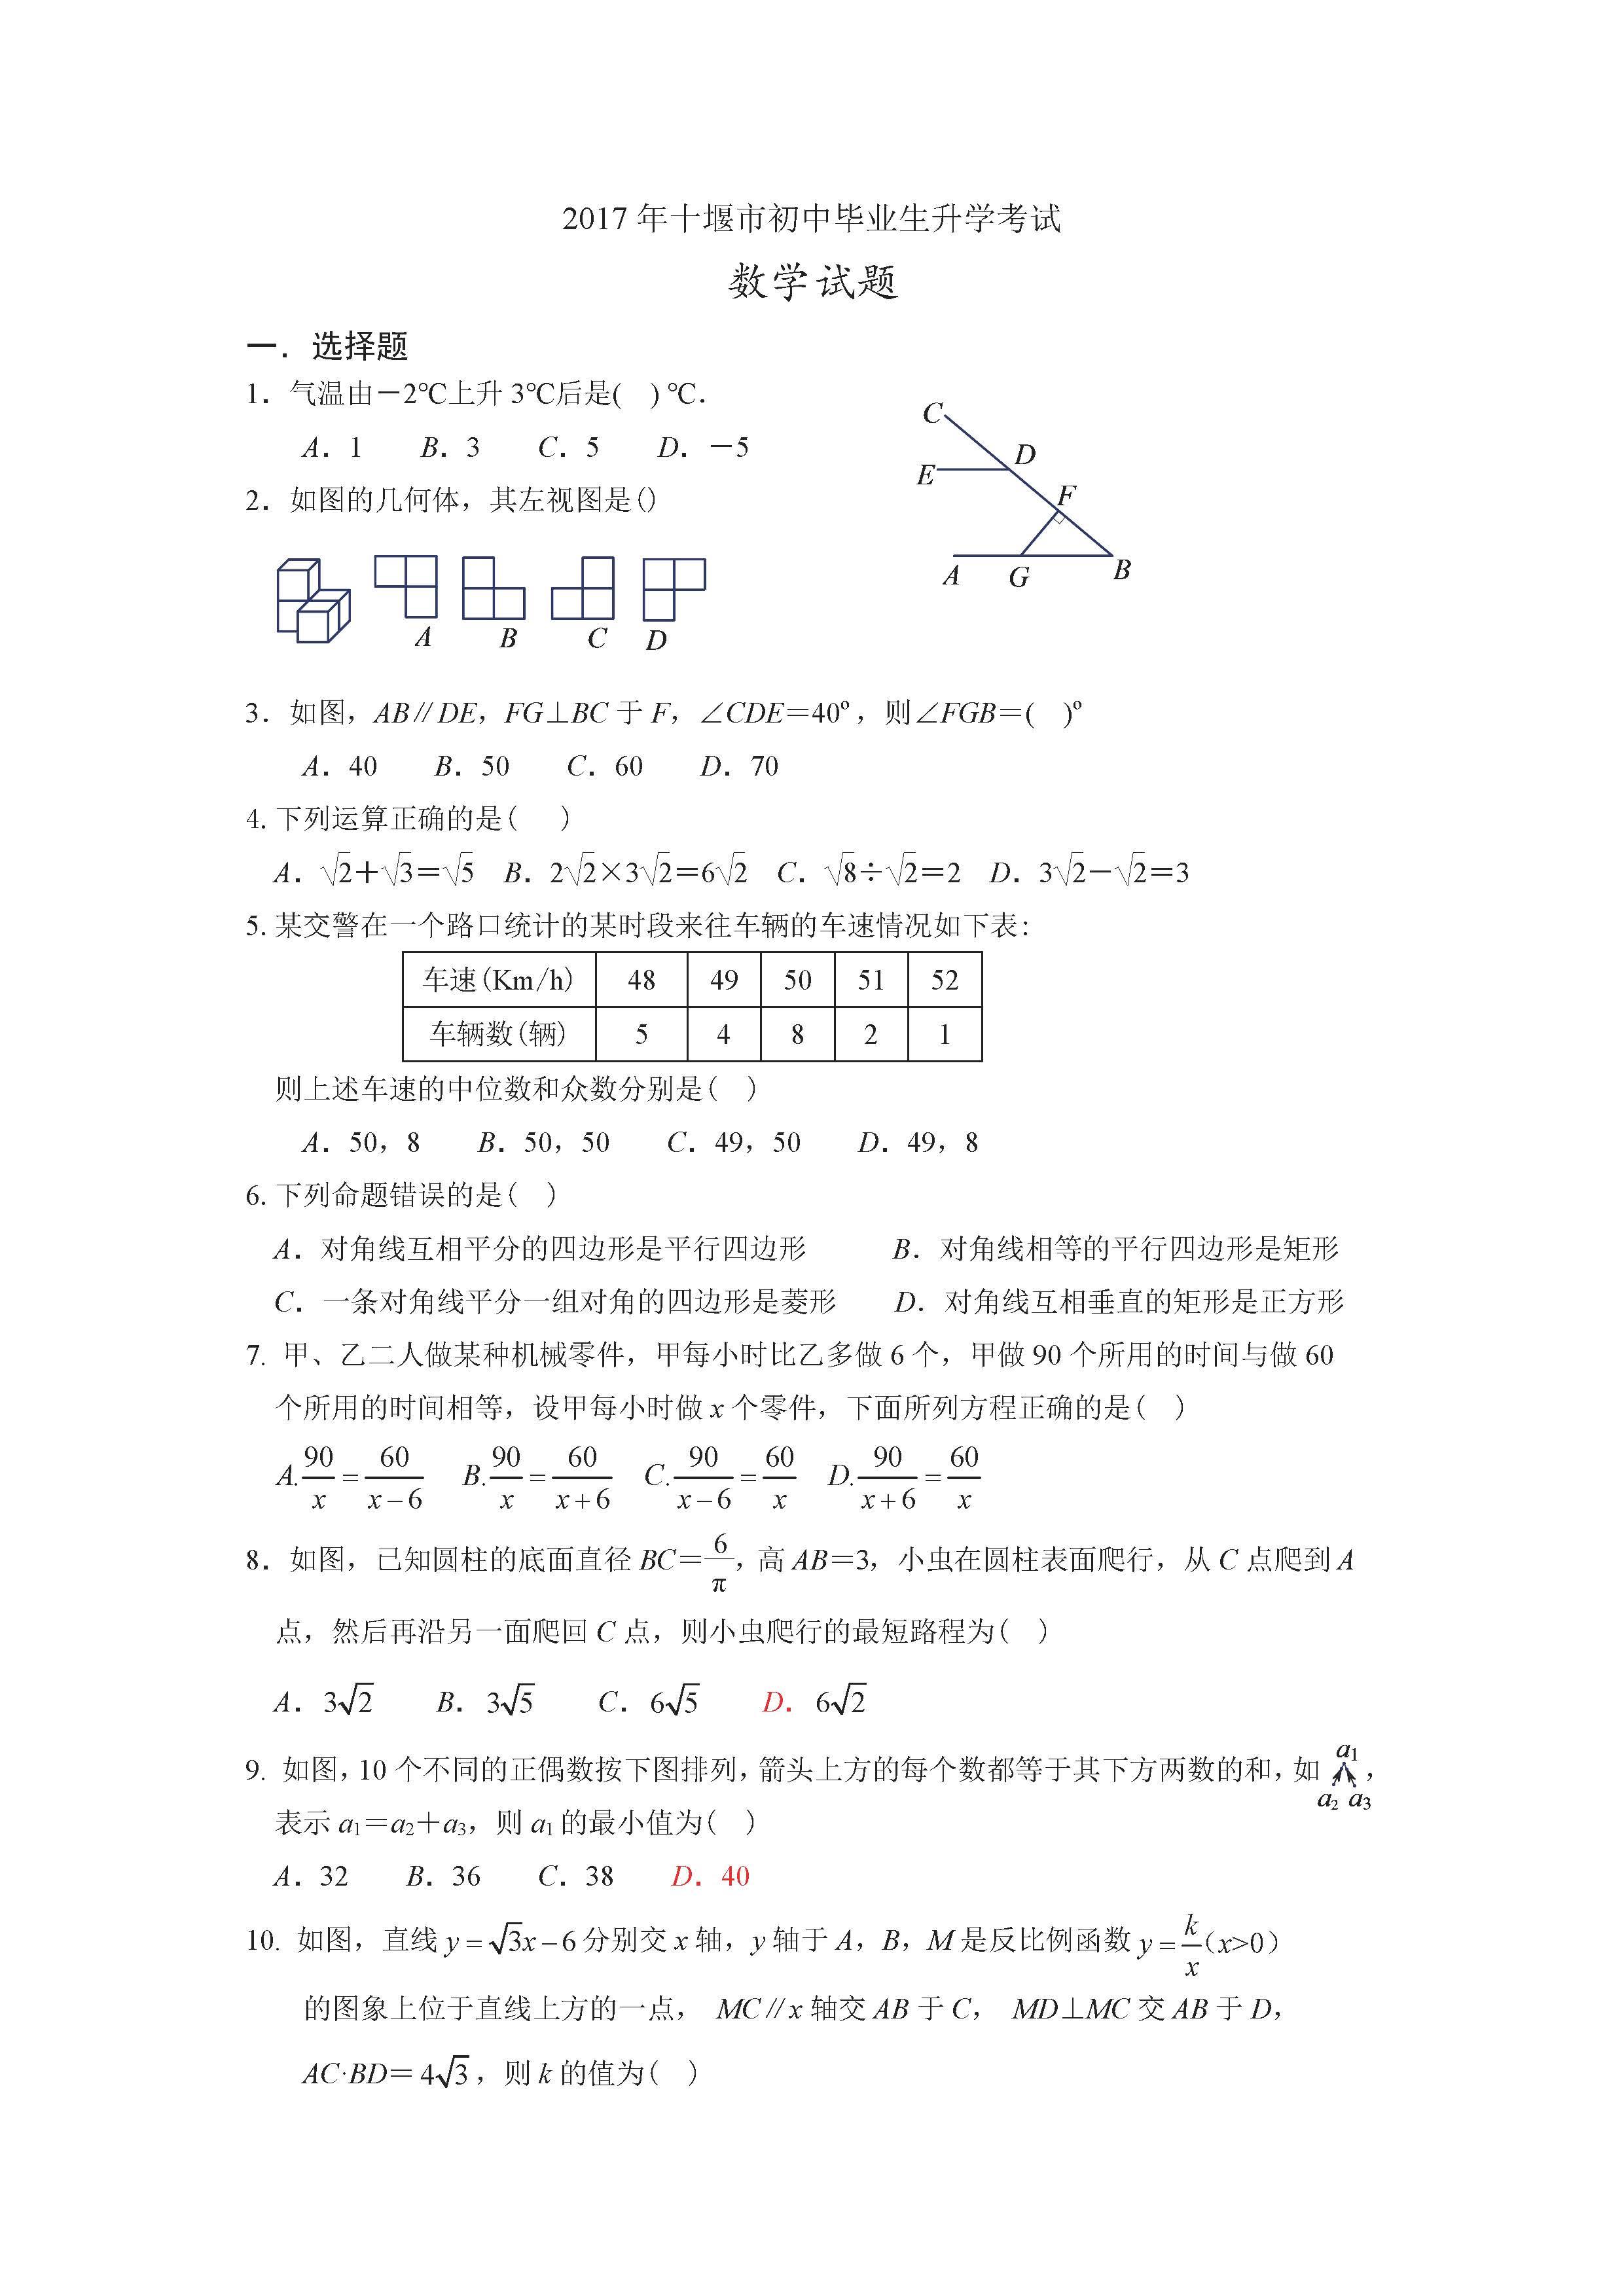 2017十堰中考数学试题及答案解析(图片版无答案)